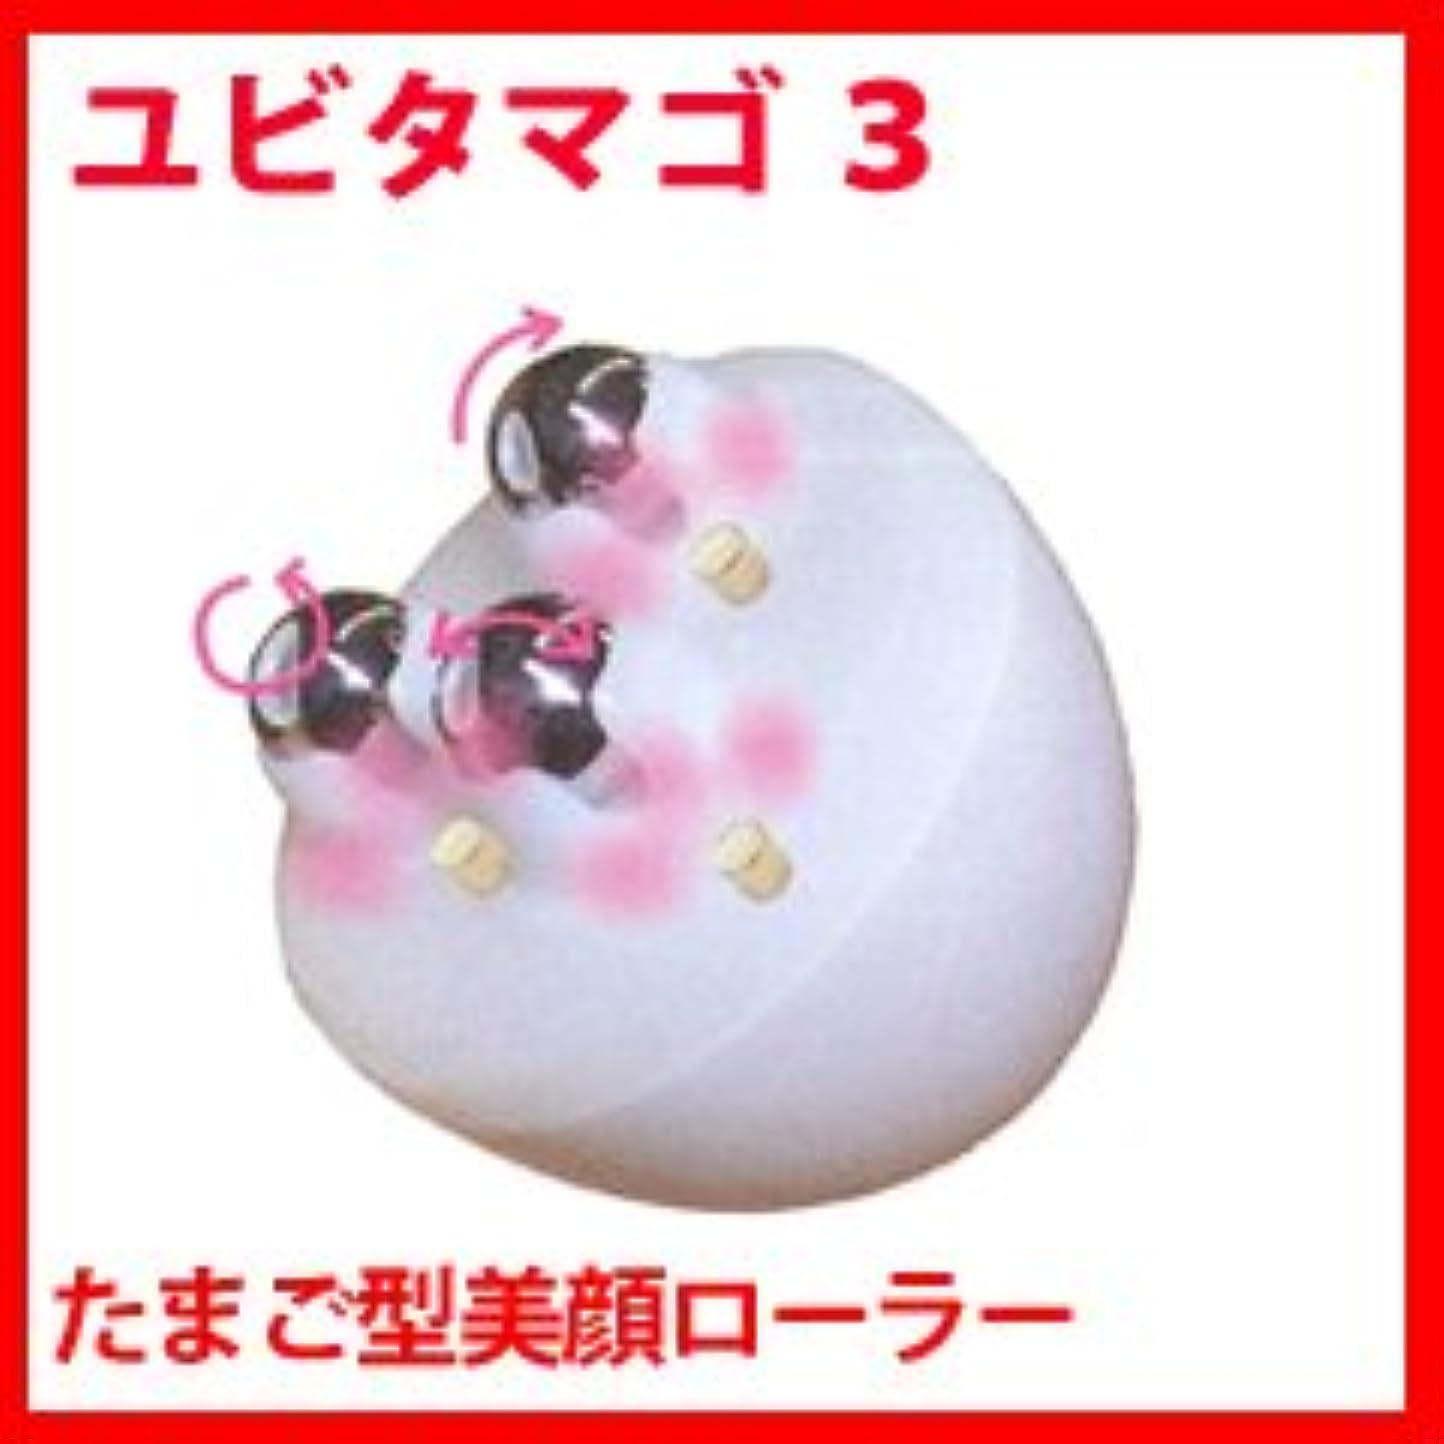 揃える投げ捨てる満たすユビタマゴ3 卵型美顔器 ゆびたまご3 美顔ローラー ホワイト